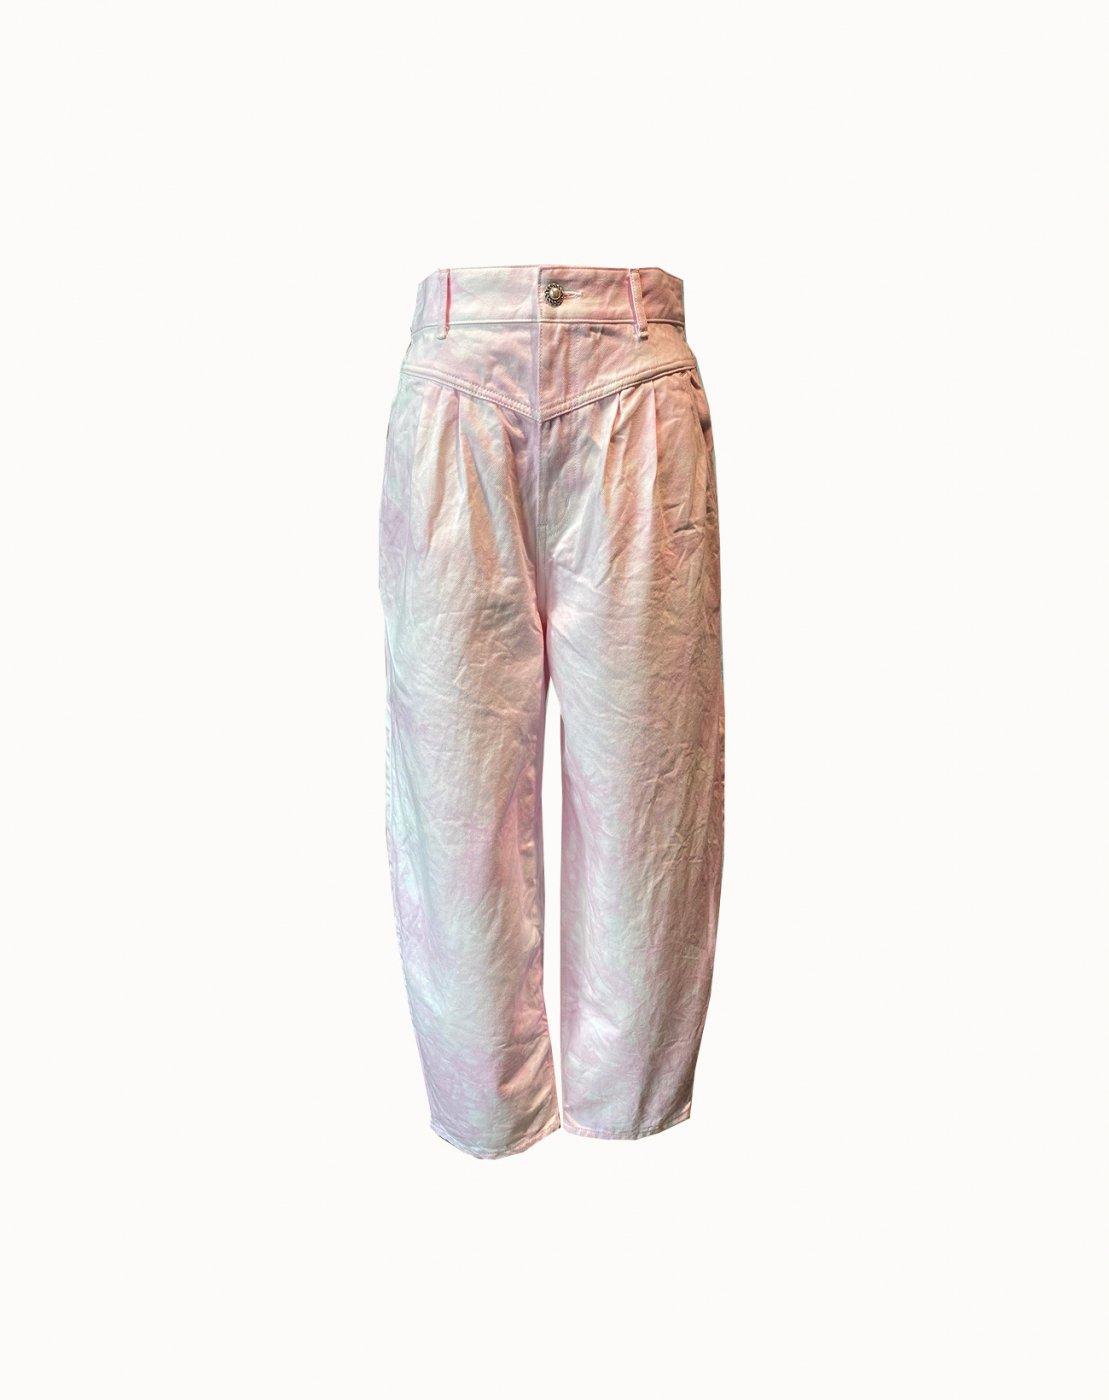 leur logette - 【Maison leur logette】 12oz Pink Denim Pants - Light Pink